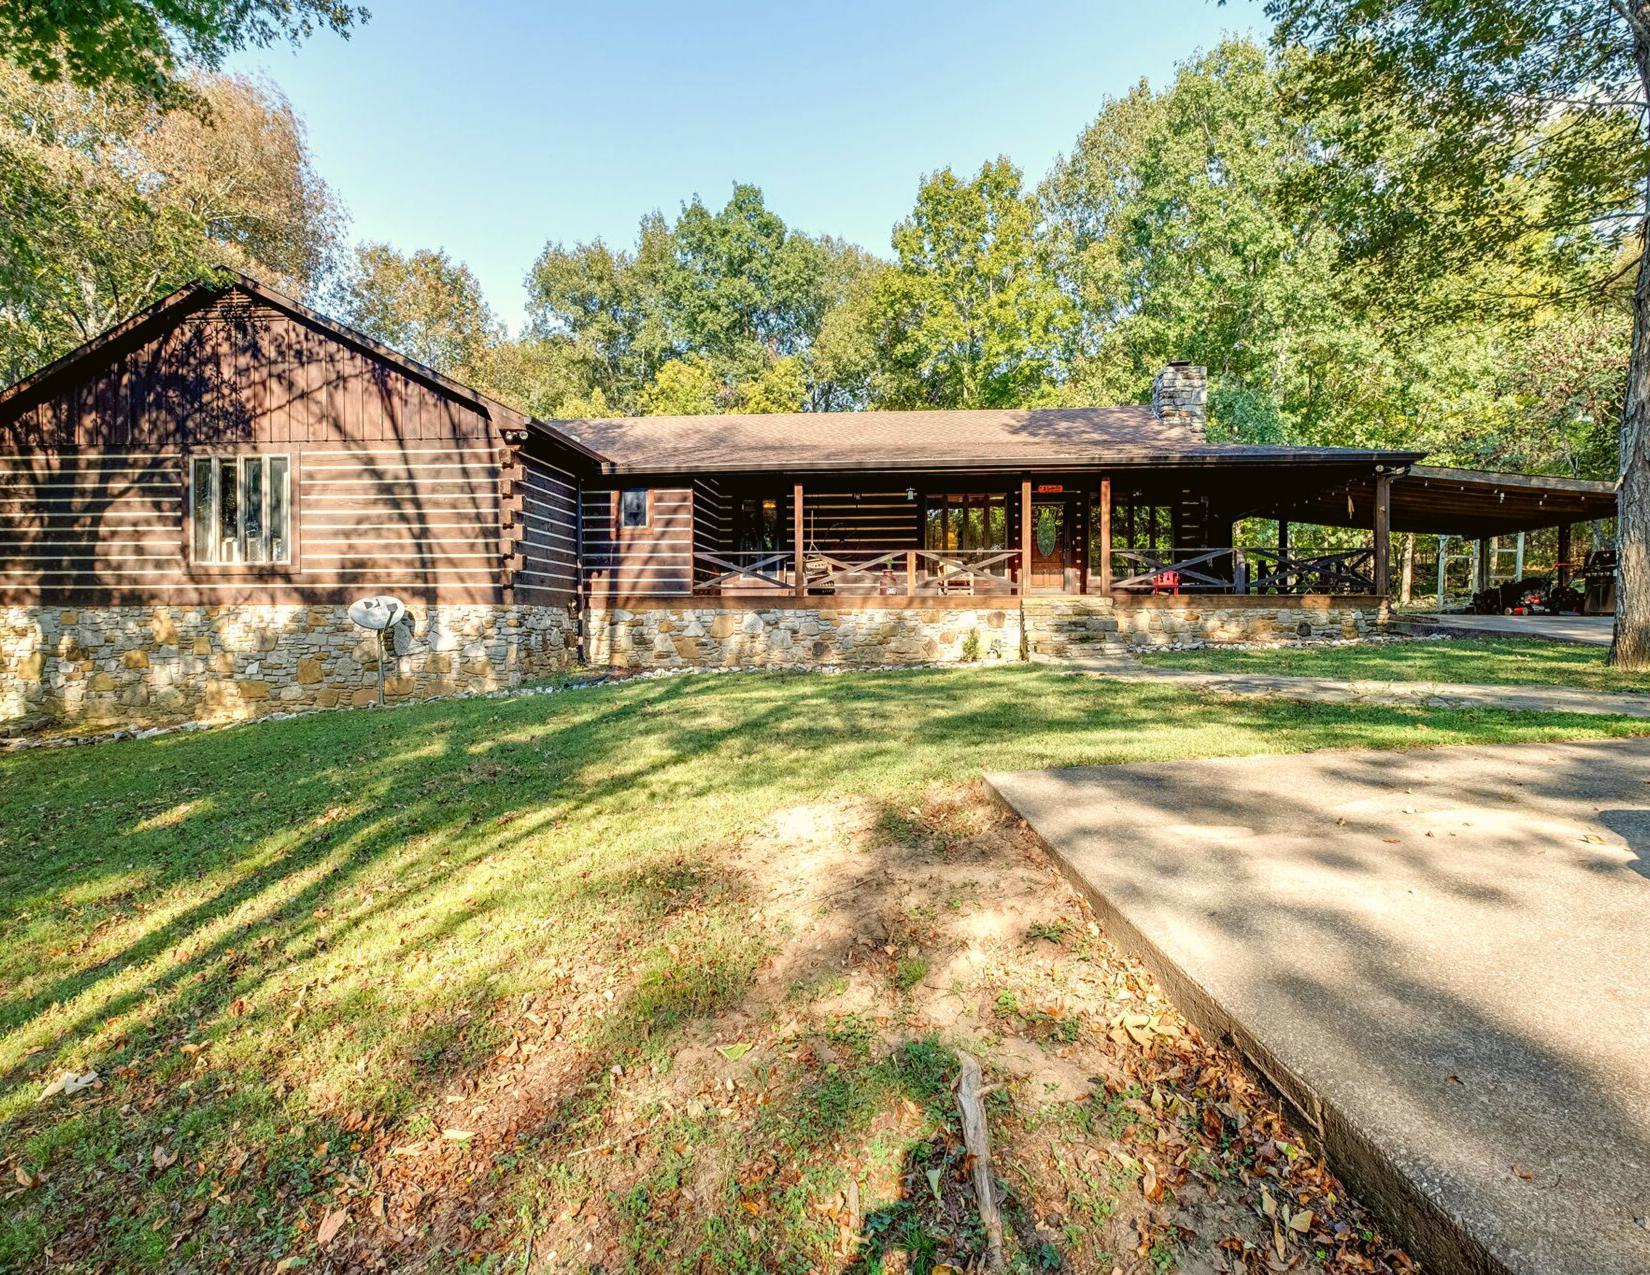 1865 Logue Rd, Mount Juliet, TN 37122 - Mount Juliet, TN real estate listing